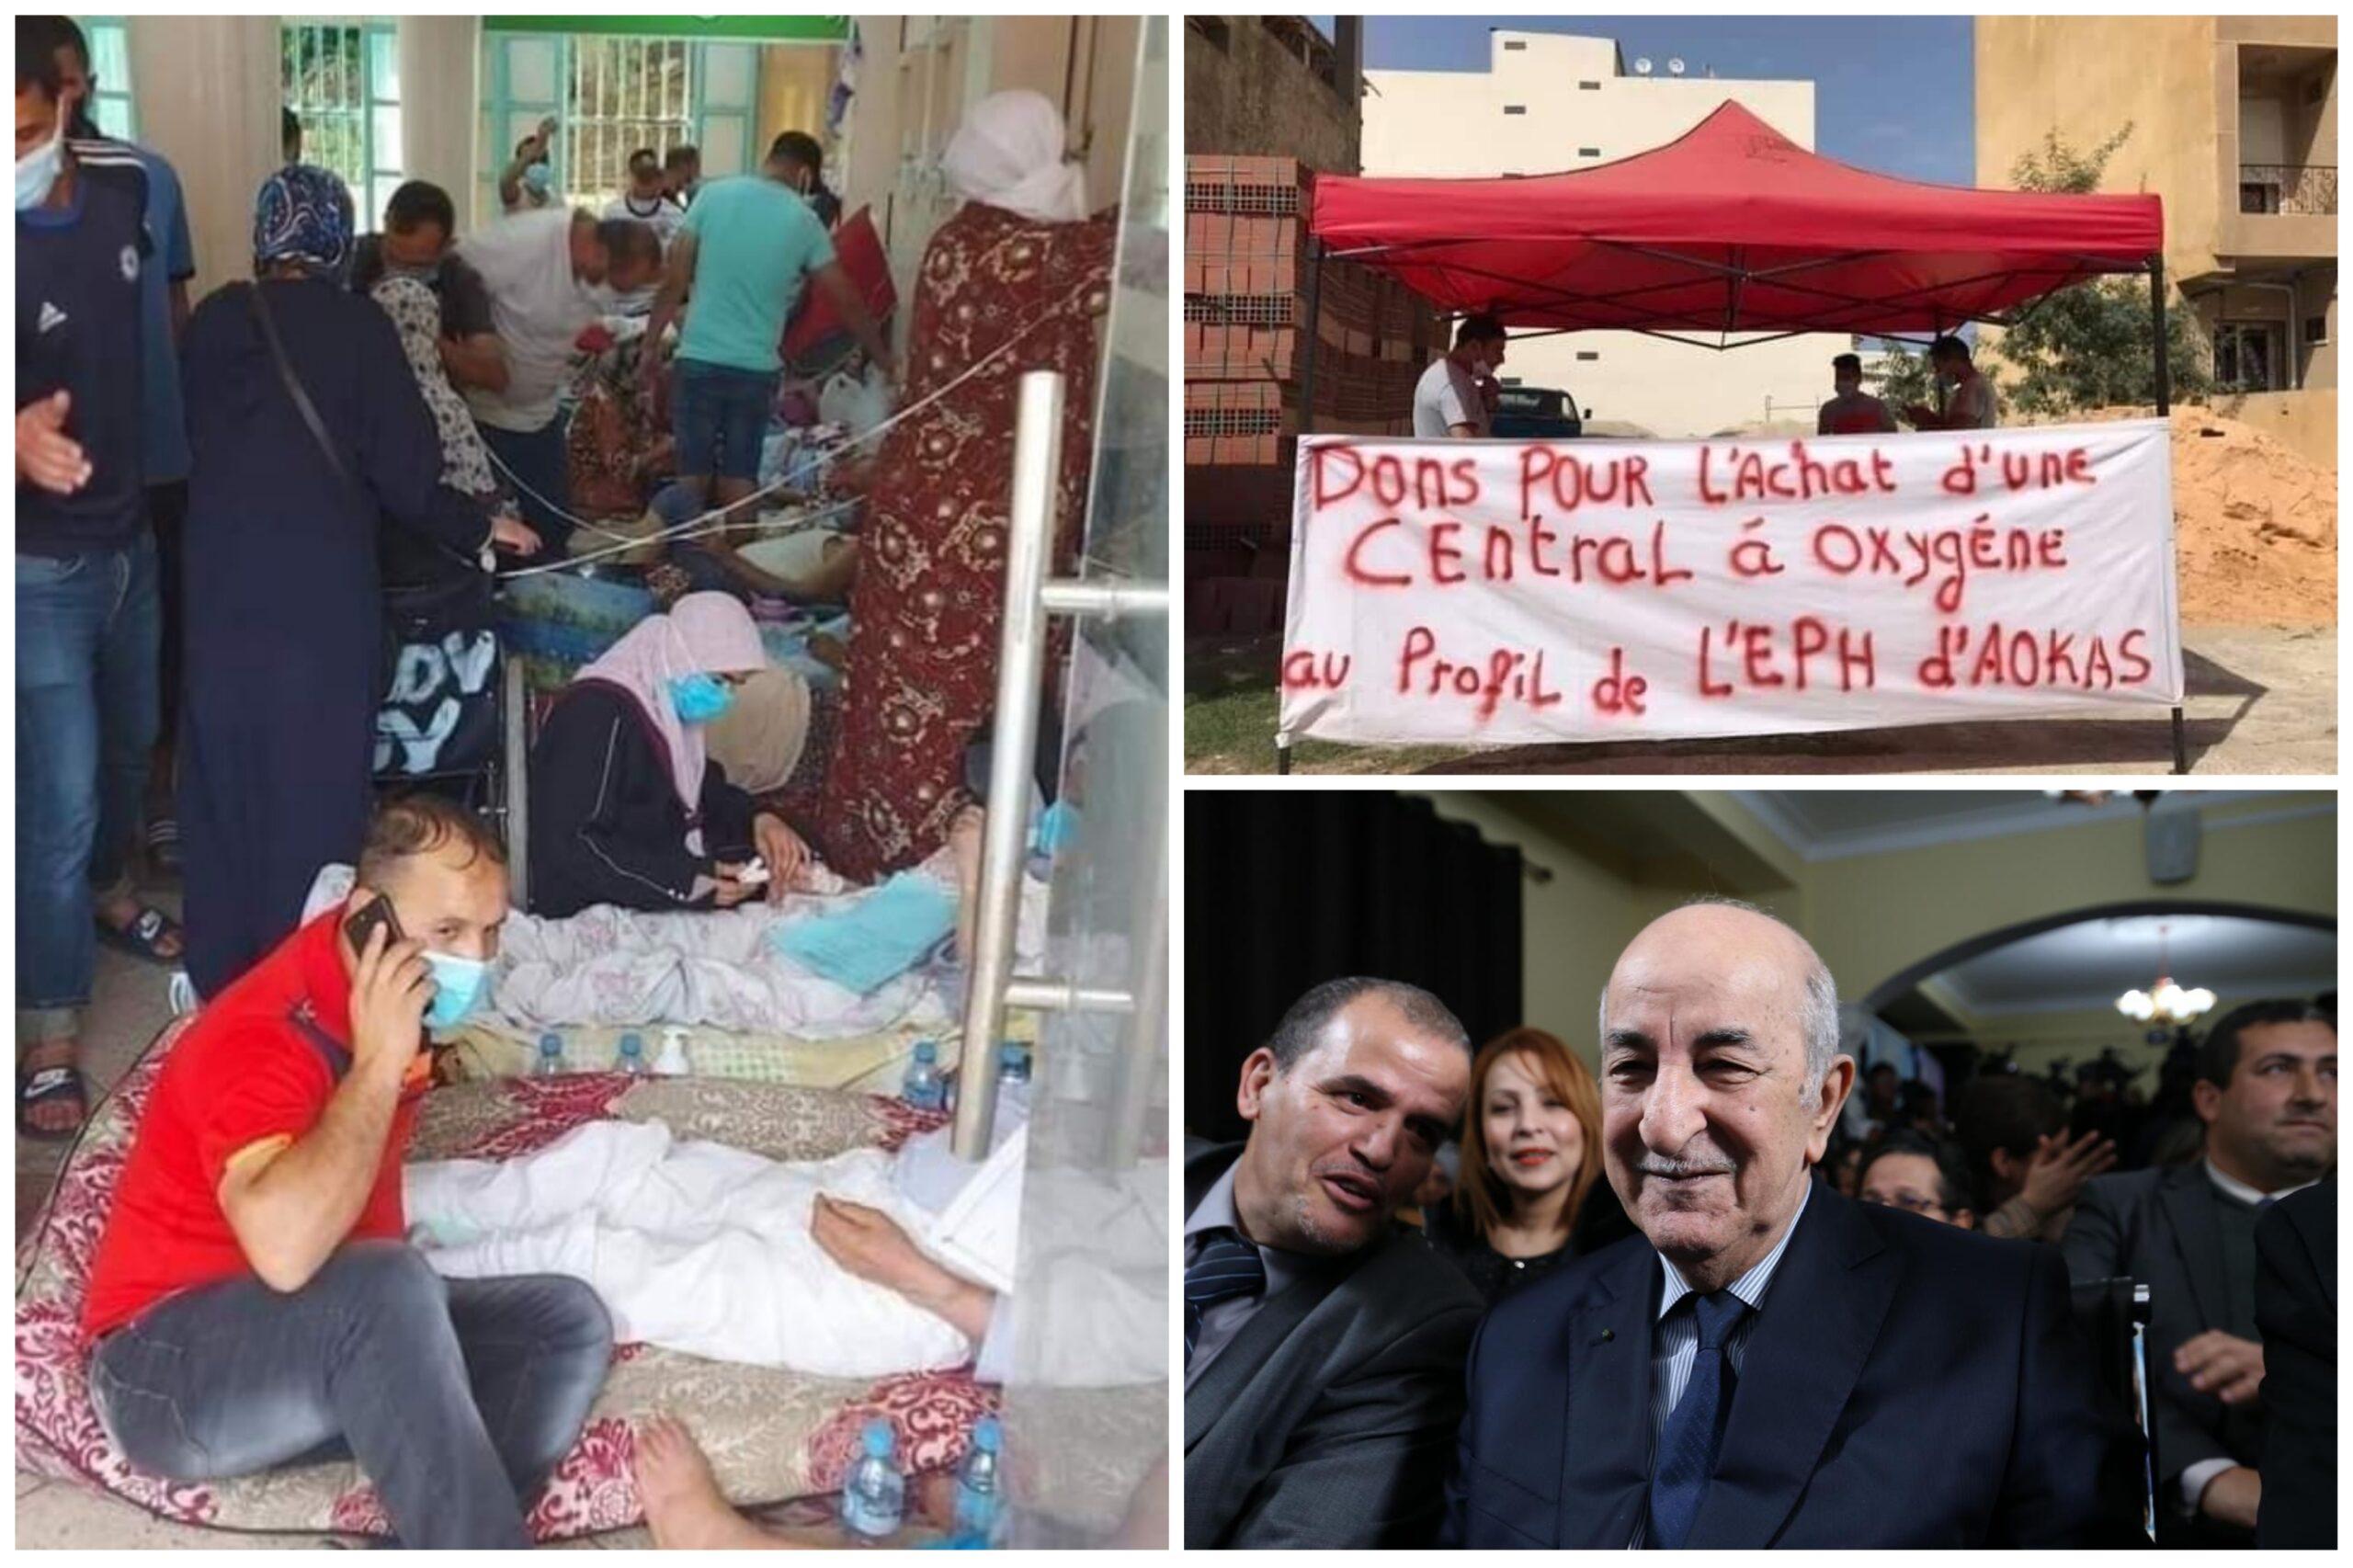 أمام عجز نظام تبون.. فنانون ومواطنون جزائريون يتبرعون لإنقاذ ضحايا كورونا